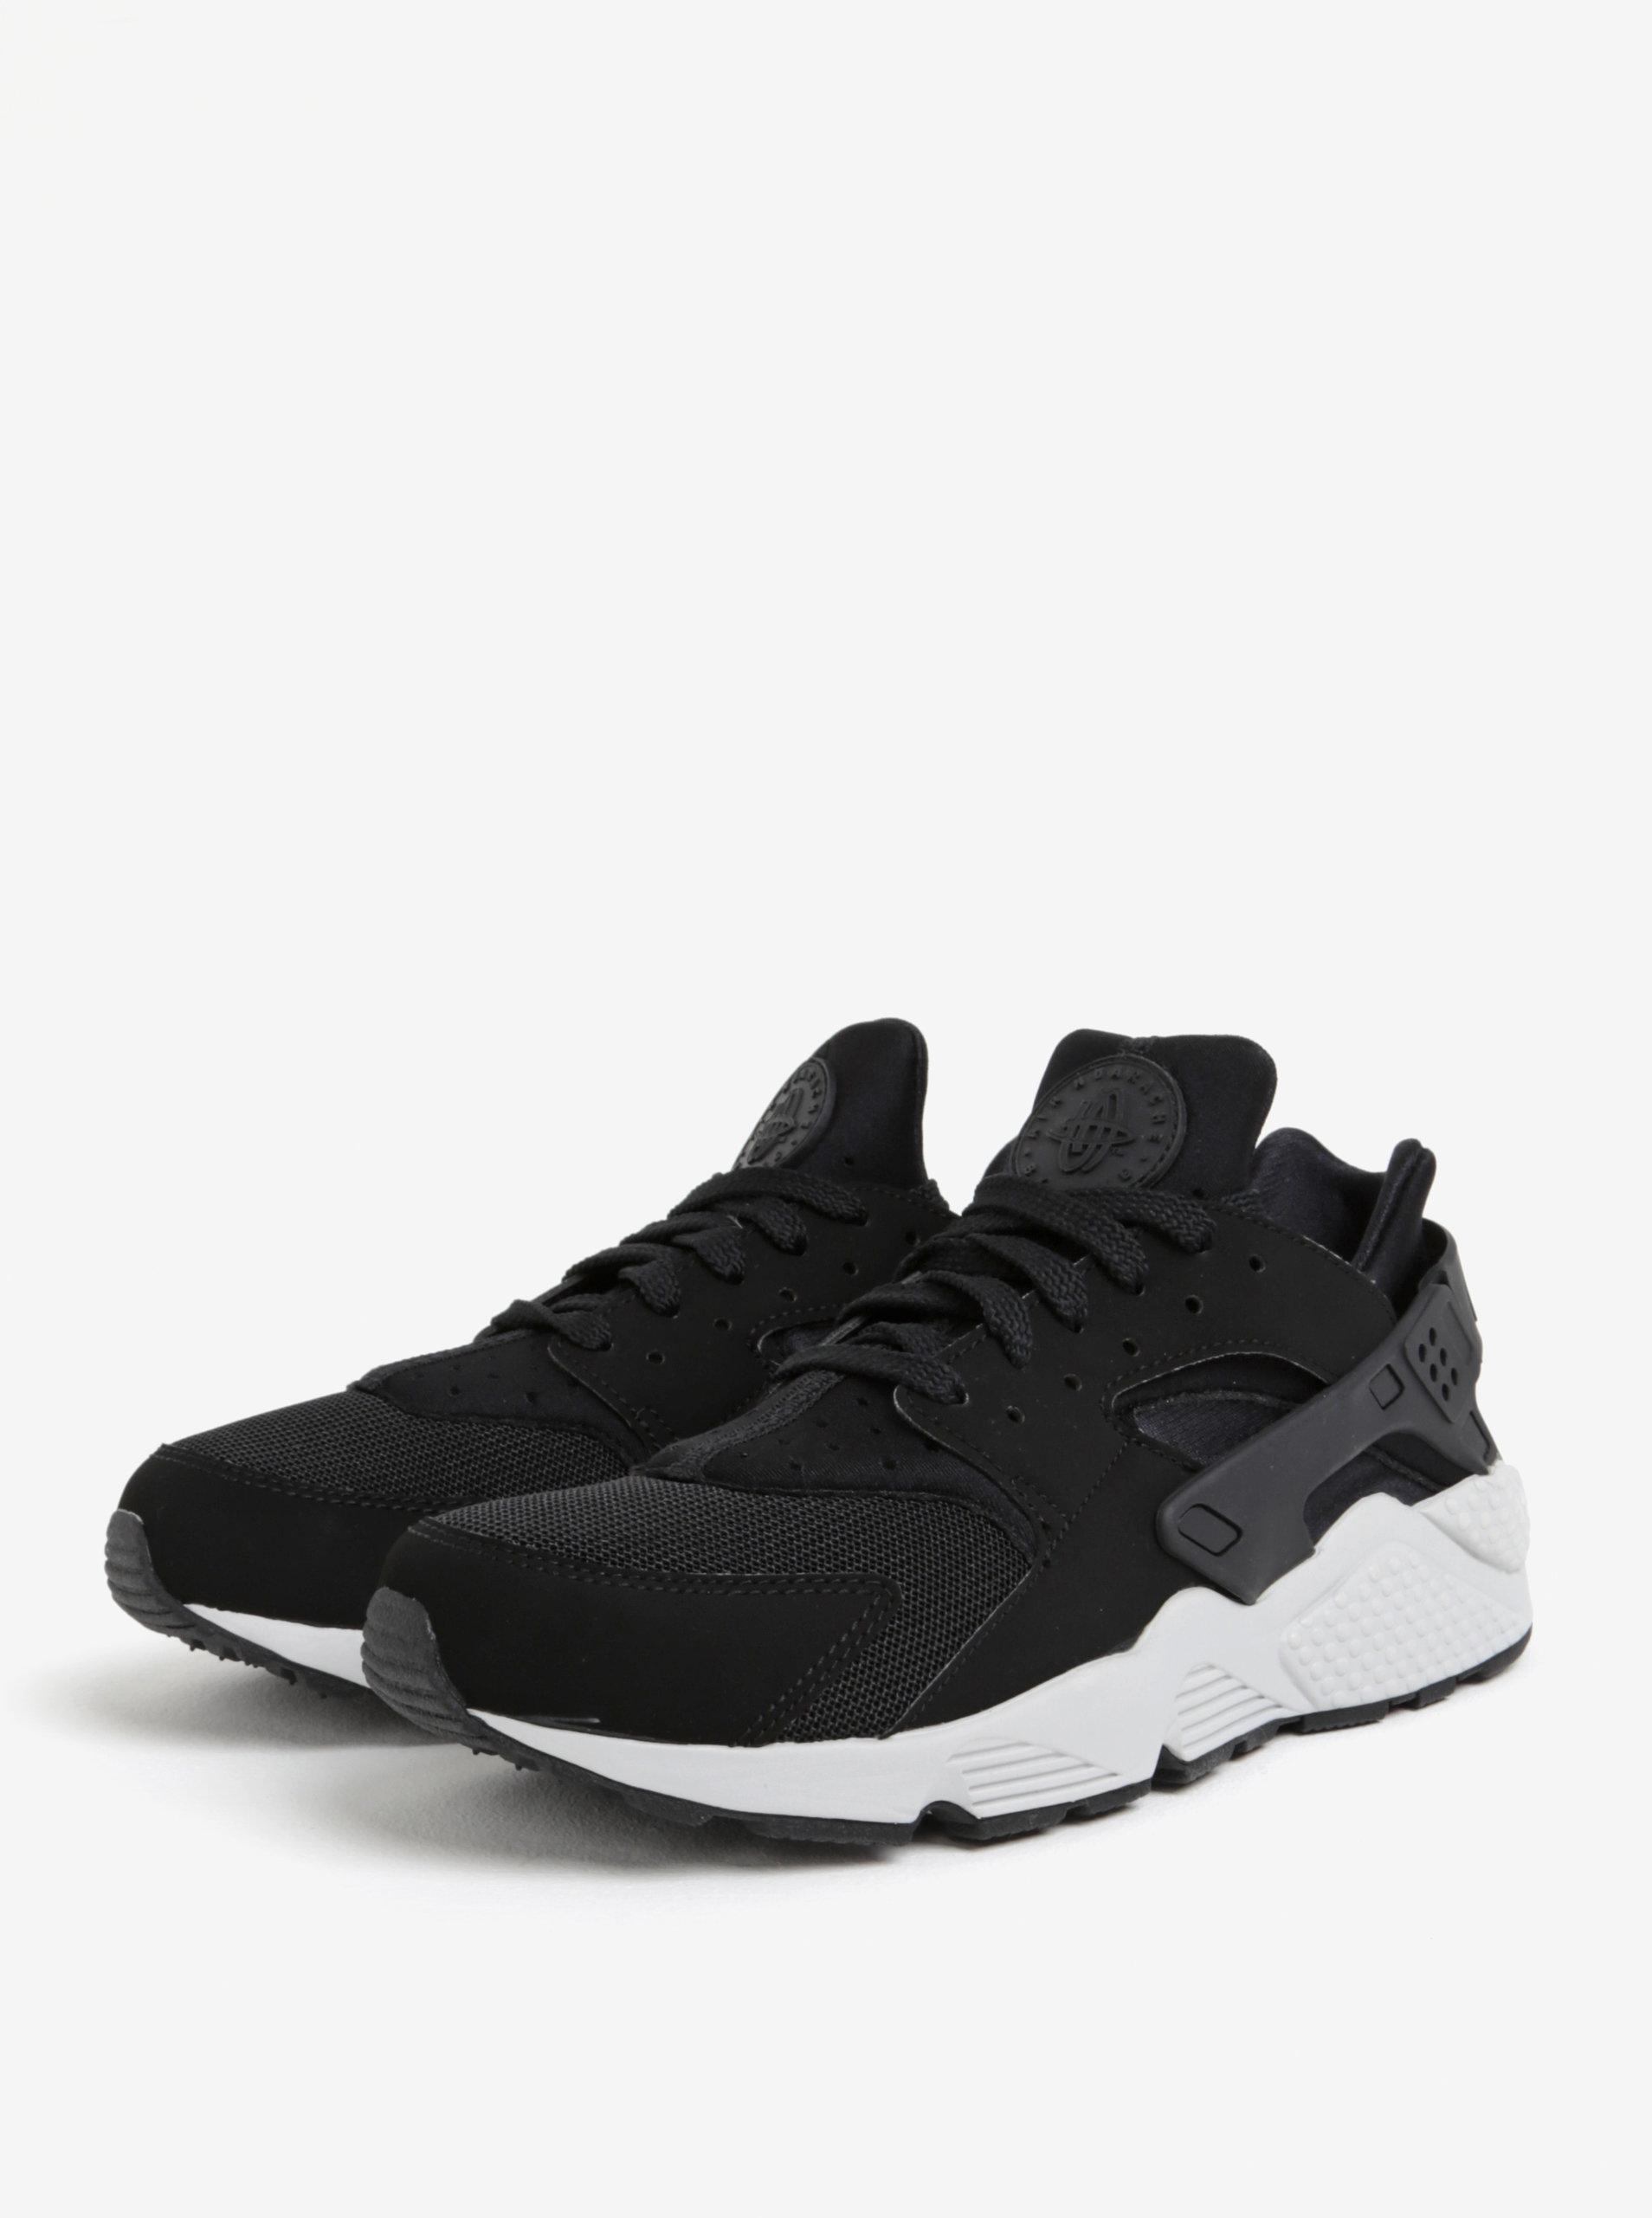 Černé pánské tenisky s bílou podrážkou Nike Air Huarache ... eabefed61fa